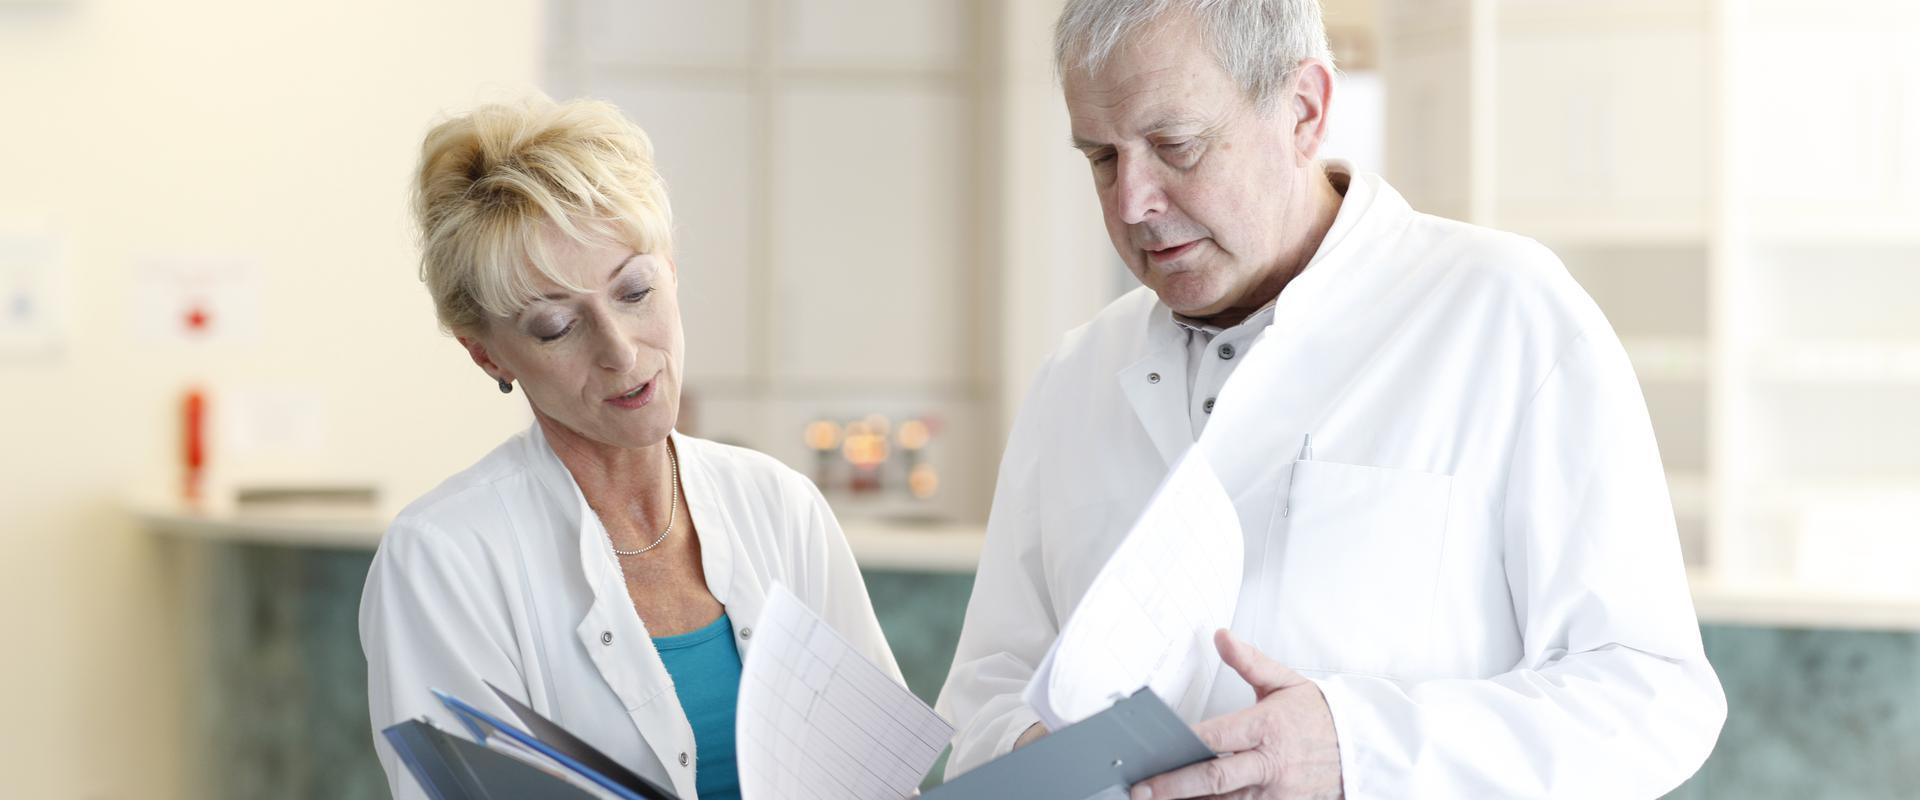 Zwei Ärzte studieren ihre Unterlagen in der MEDIAN Vesalius-Klinik Bad Rappenau